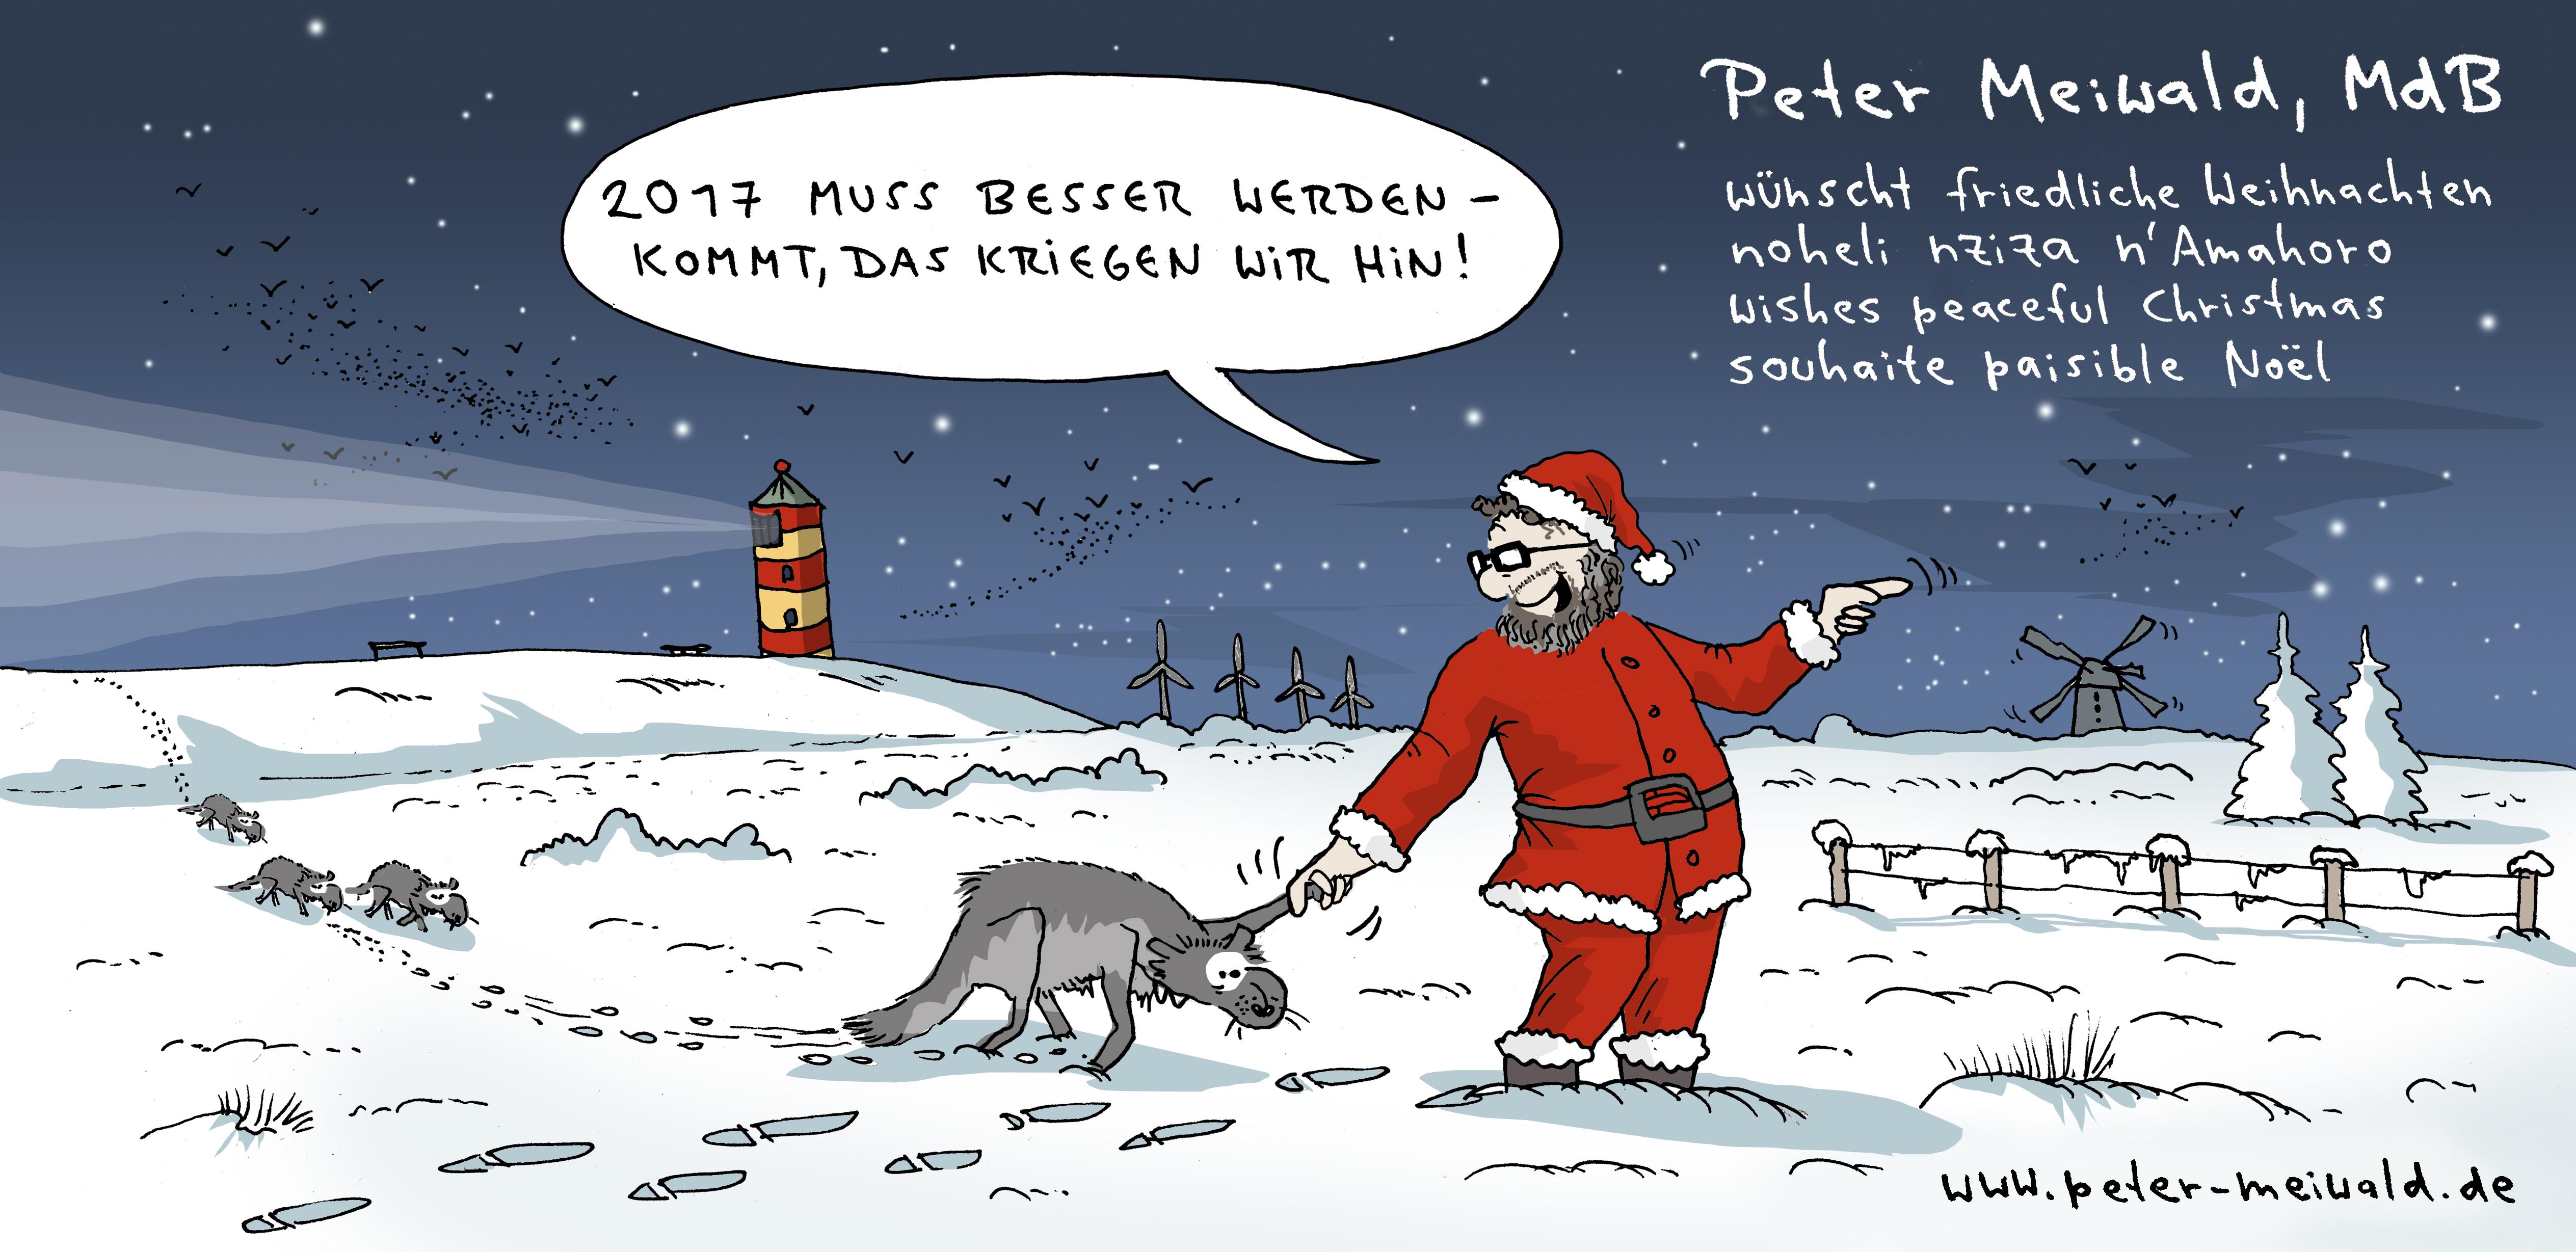 Peter Meiwalds Weihnachtsgrüße 2016